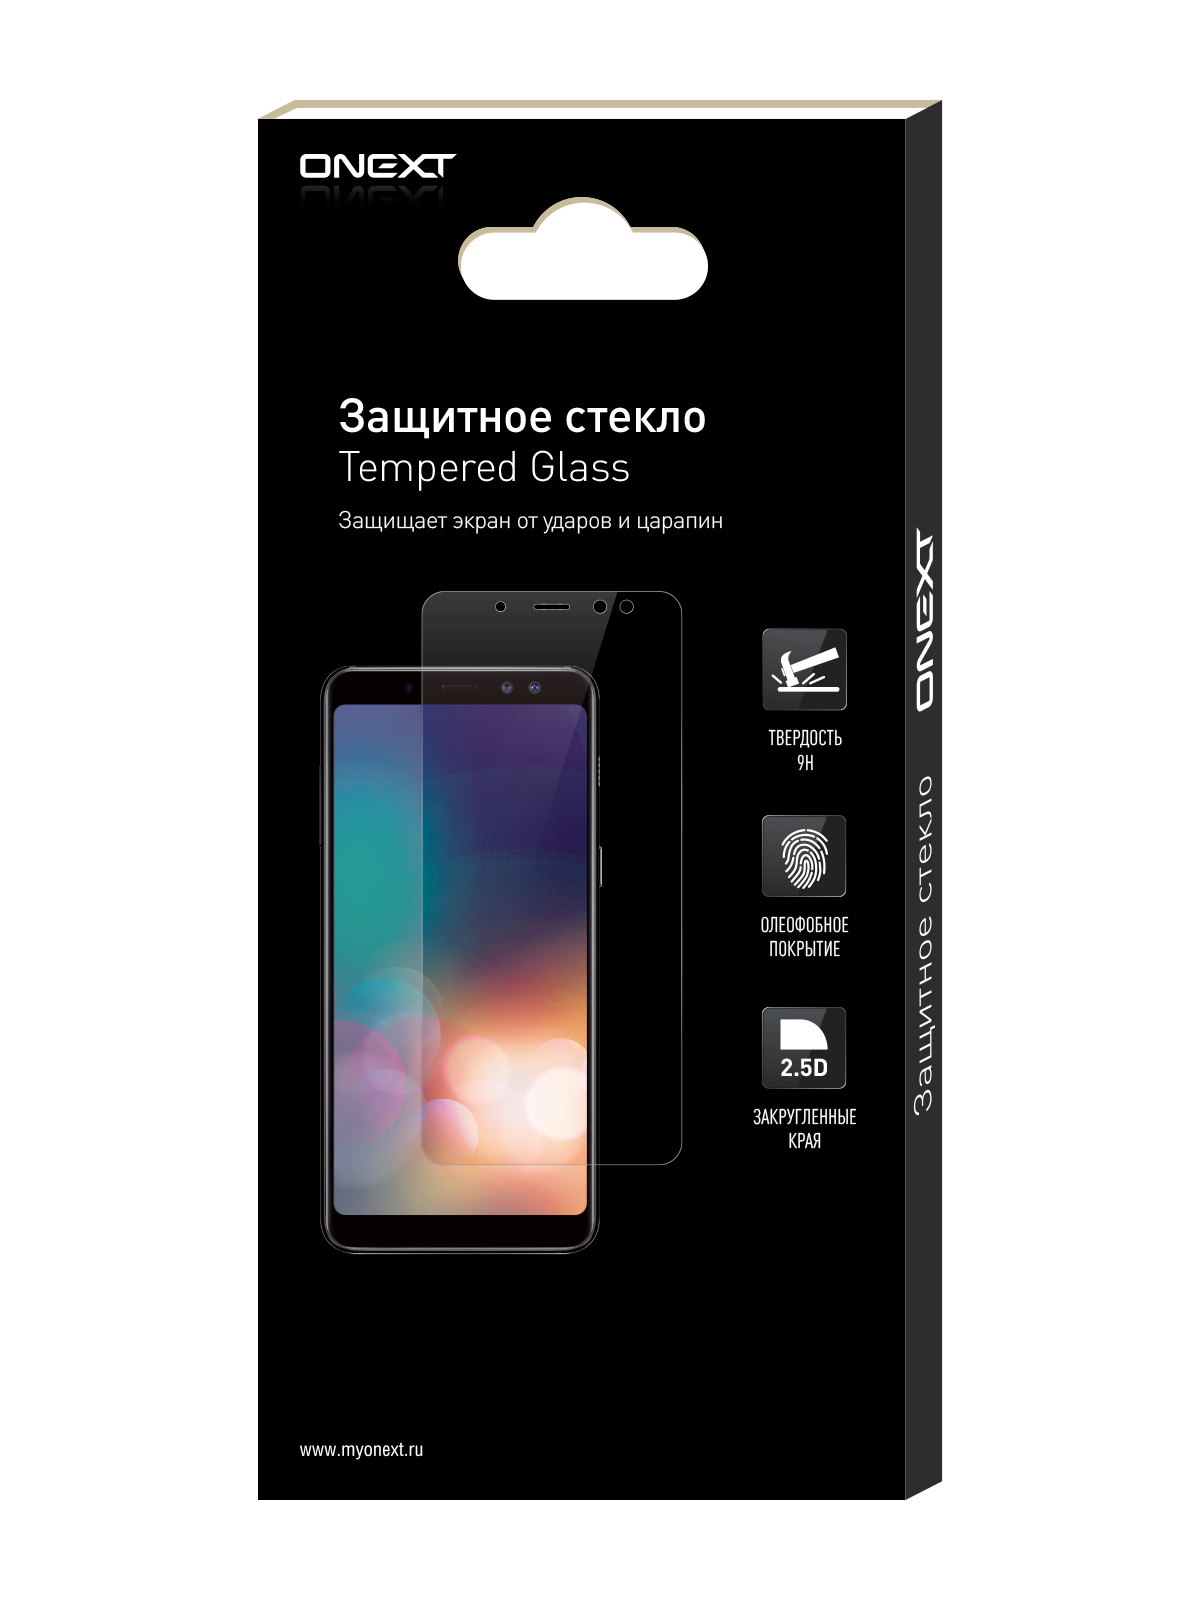 Защитное стекло ONEXT для Samsung Galaxy A3 (2016)